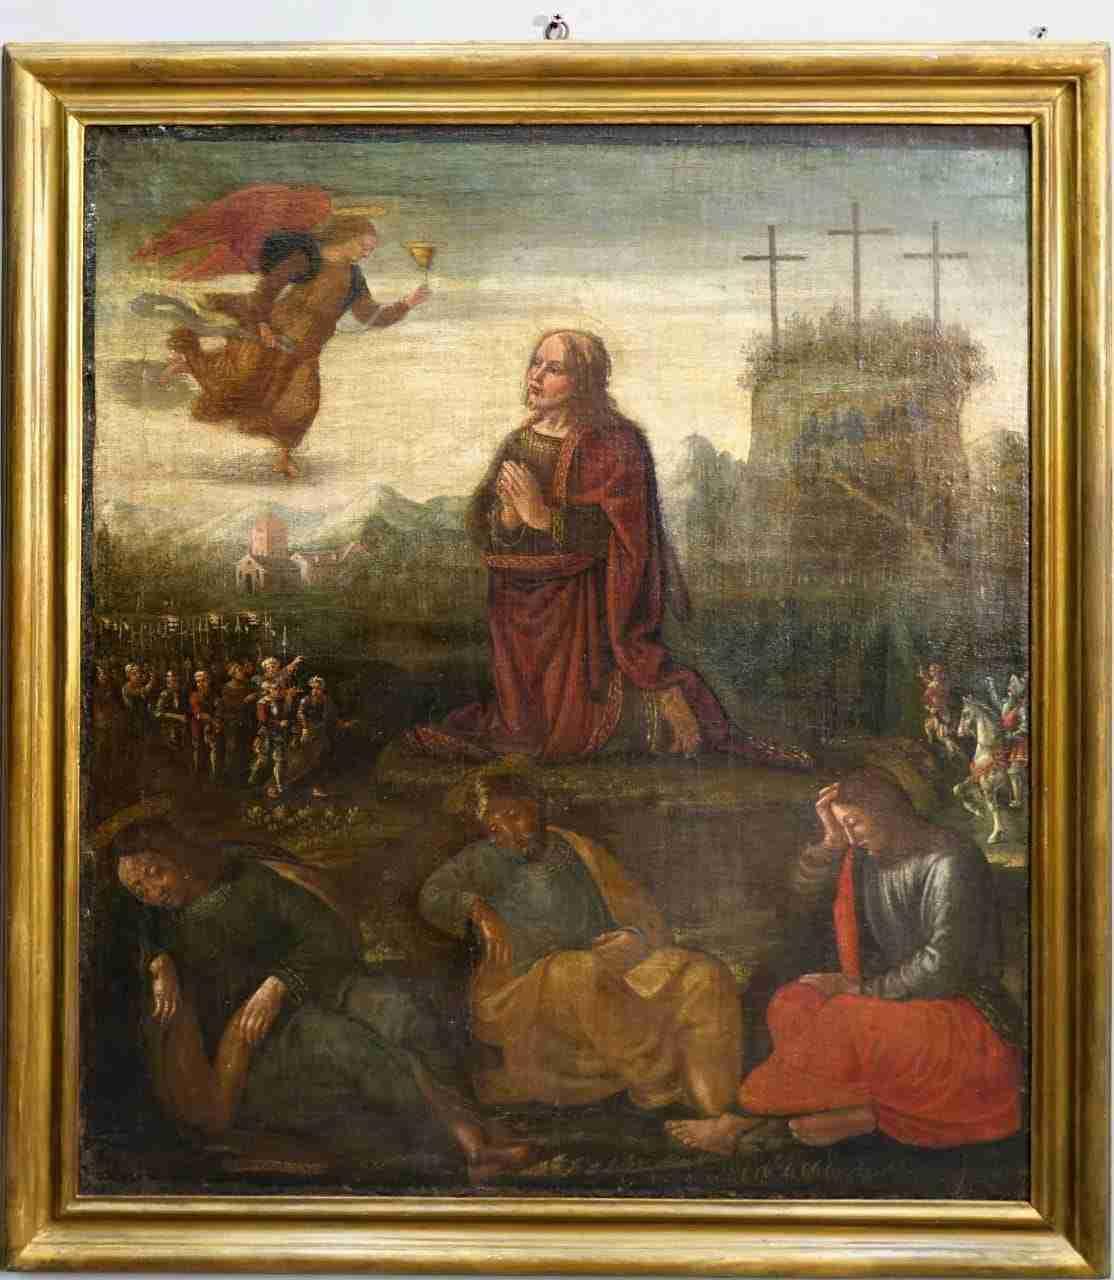 dipinto-500-orazione-nell-orto-2